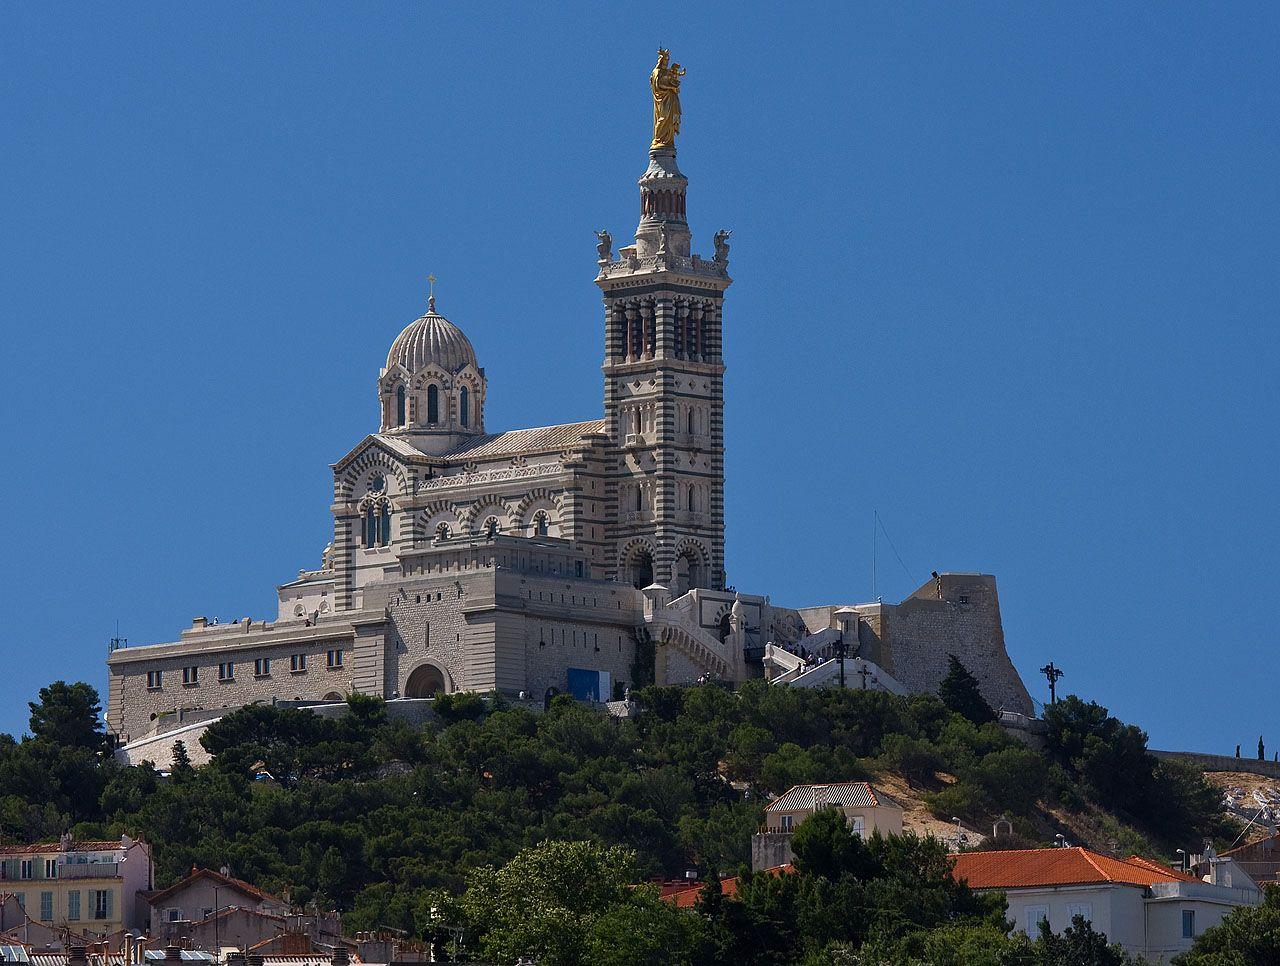 marseille france   Notre-Dame de la Garde in Marseille